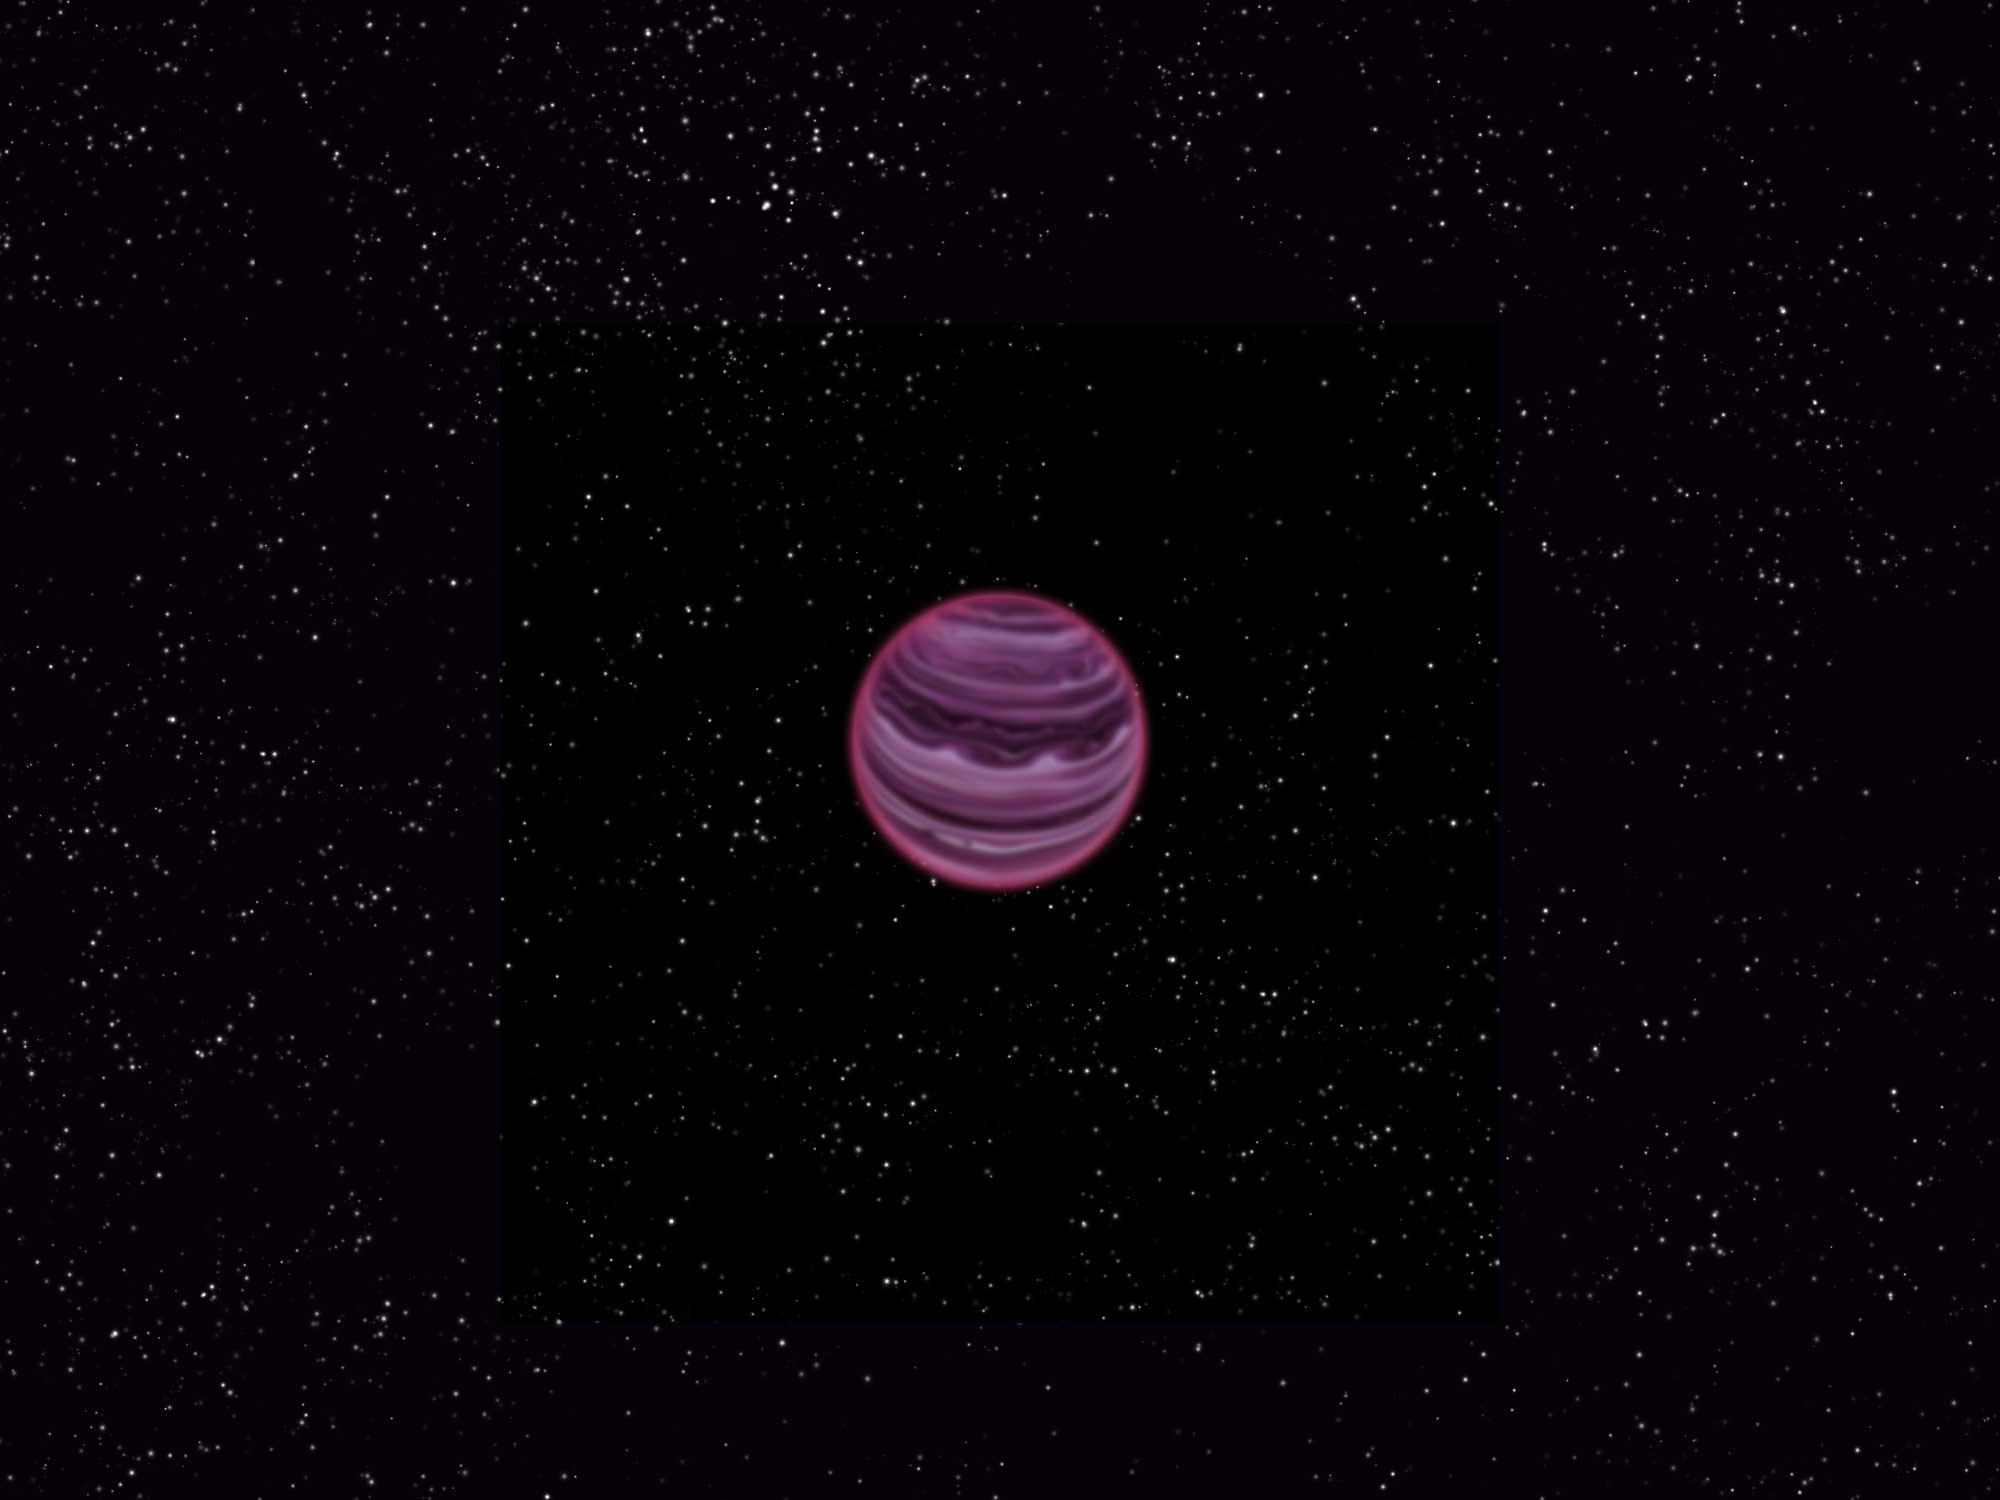 O exoplaneta care rataceste prin spatiu a fost descoperita de astronomi!